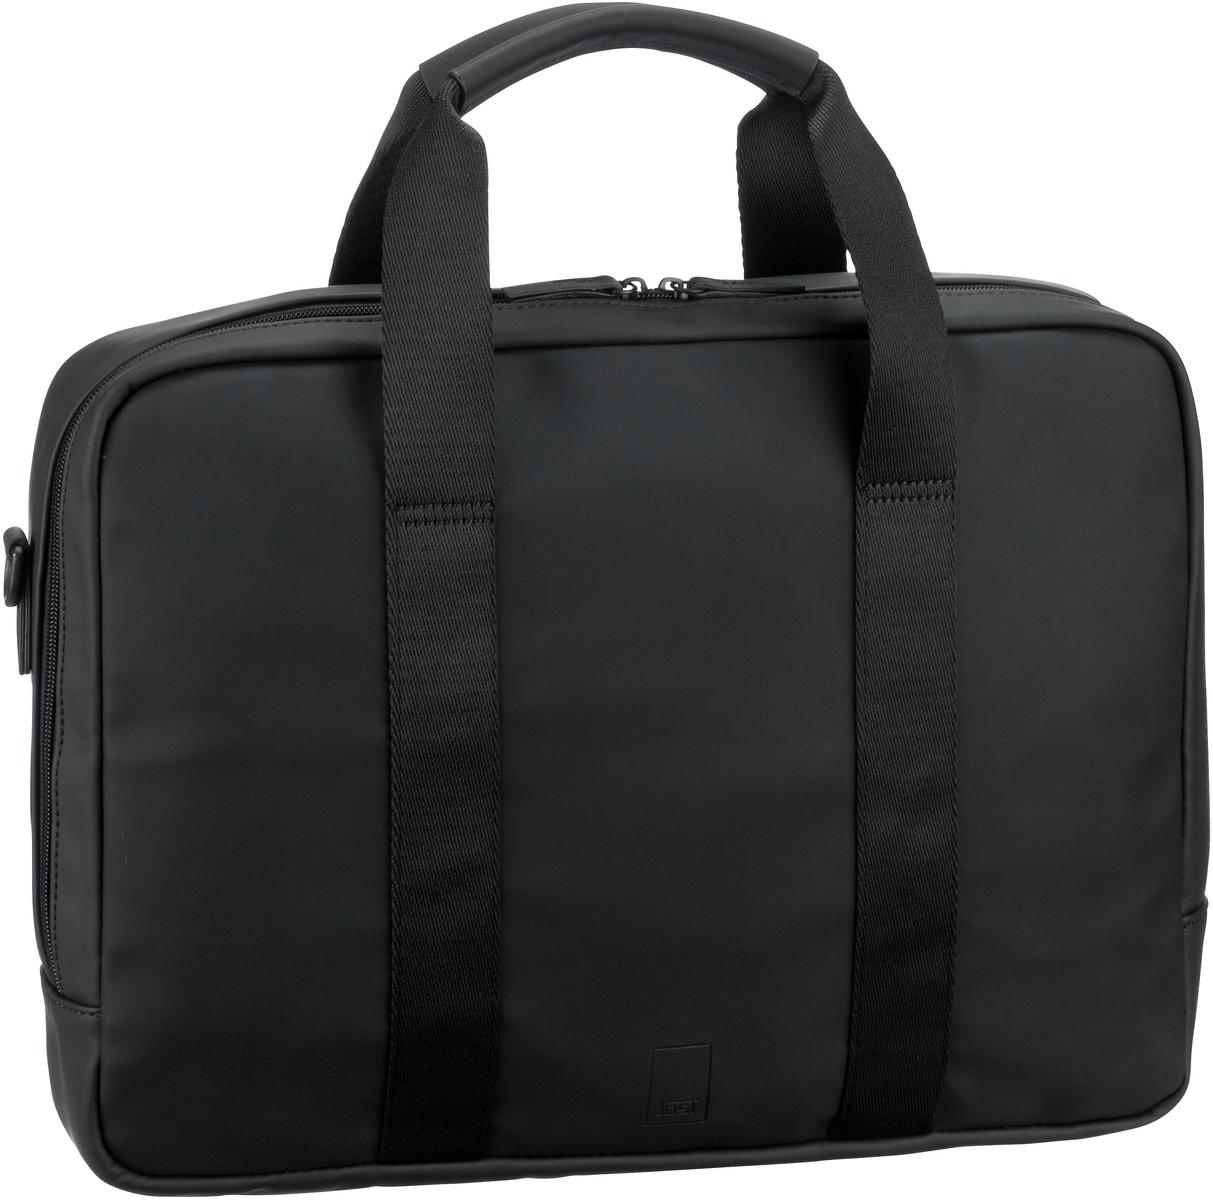 Jost Aktentasche Helsinki II 4977 Business Bag Schwarz